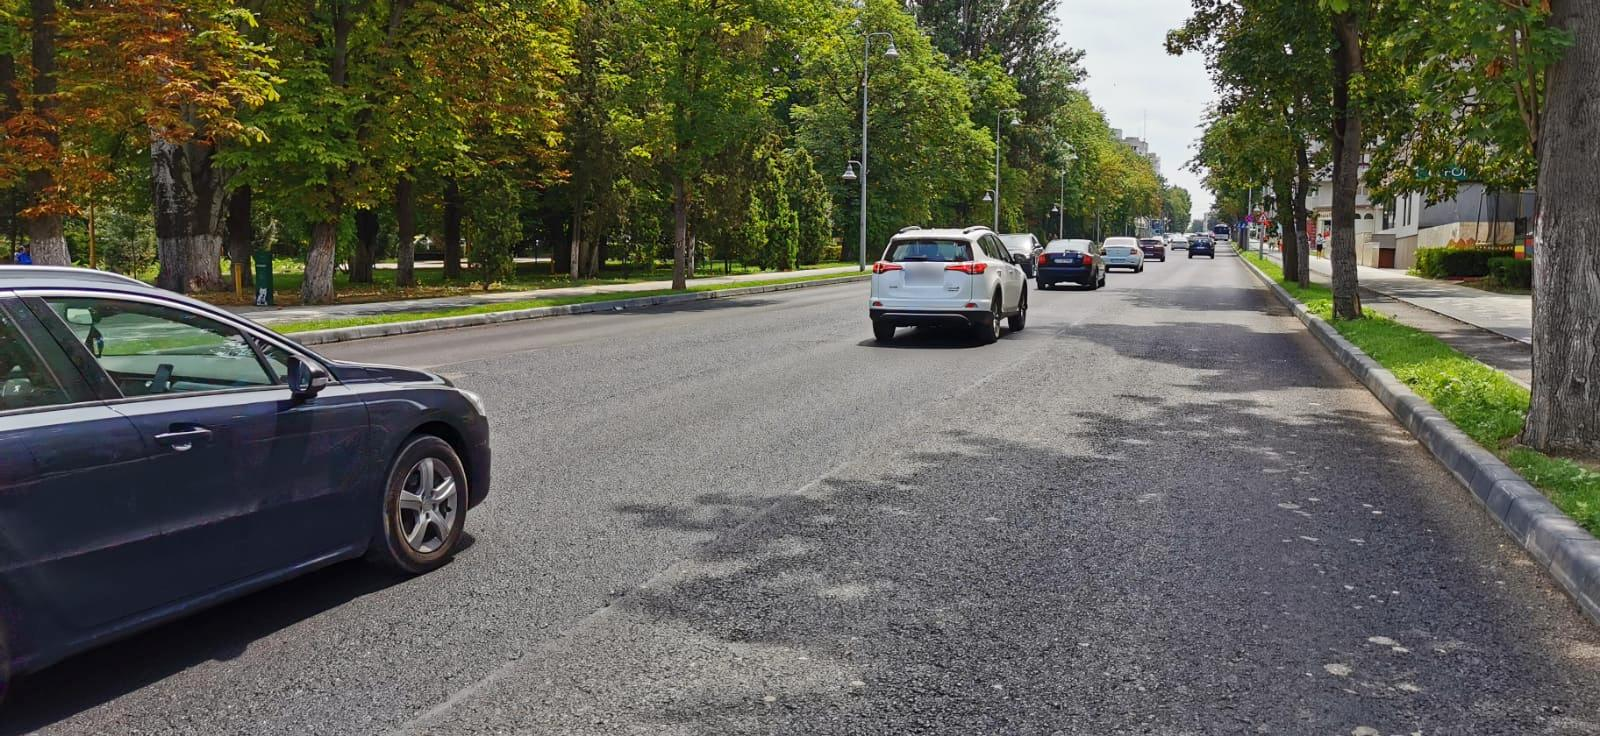 Atenție, șoferi! Se reiau lucrările de asfaltare pe bulevardul Tomis